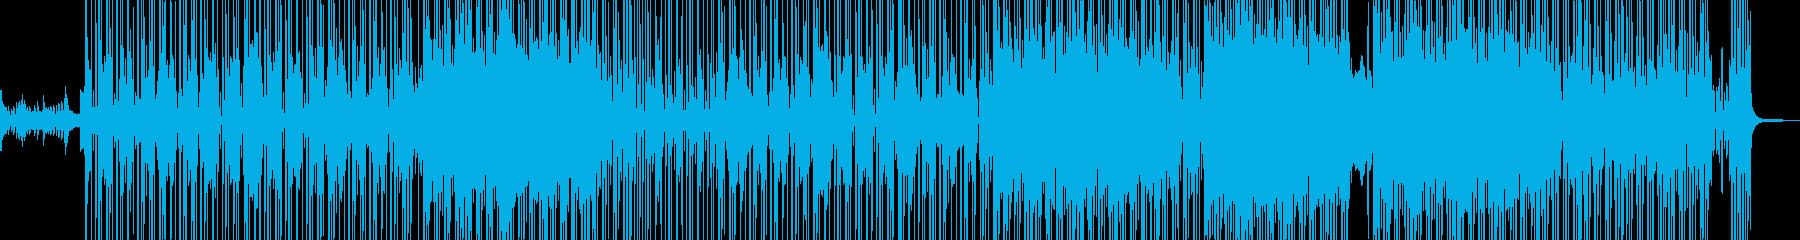 恋のビターエンドをイメージしたR&B Aの再生済みの波形